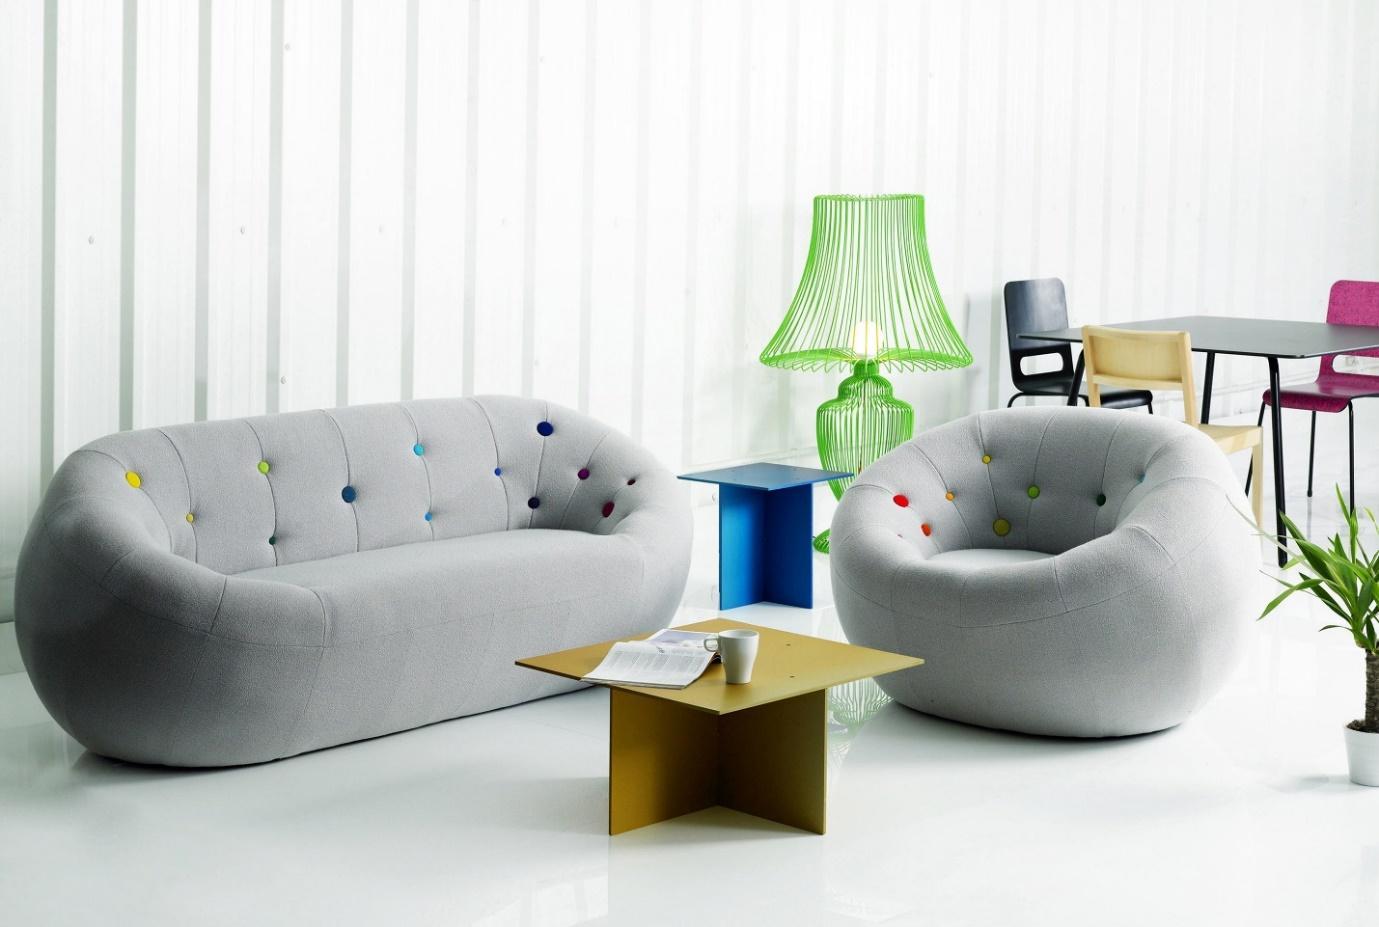 Kết quả hình ảnh cho bộ ghế sofa nhỏ